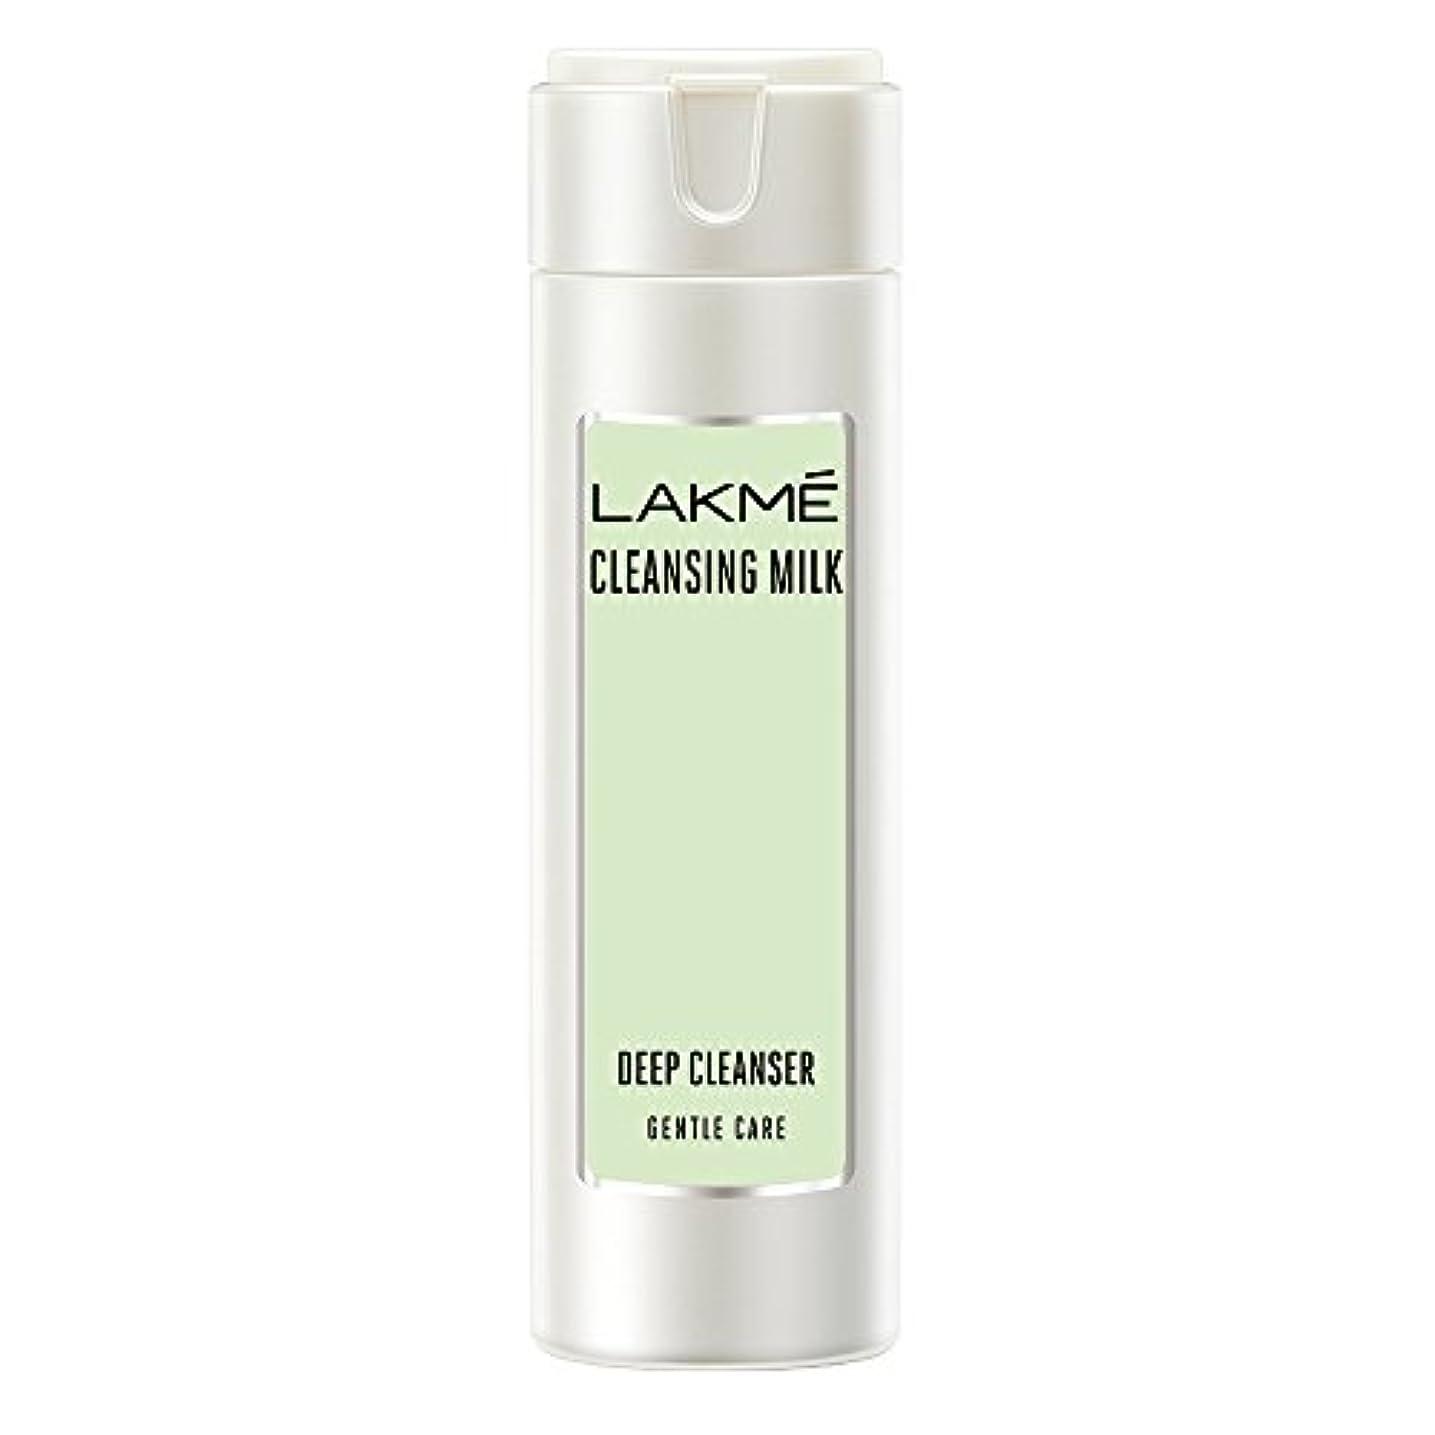 気楽なイブニング添加Lakme Gentle and Soft Deep Pore Cleanser, 120 ml